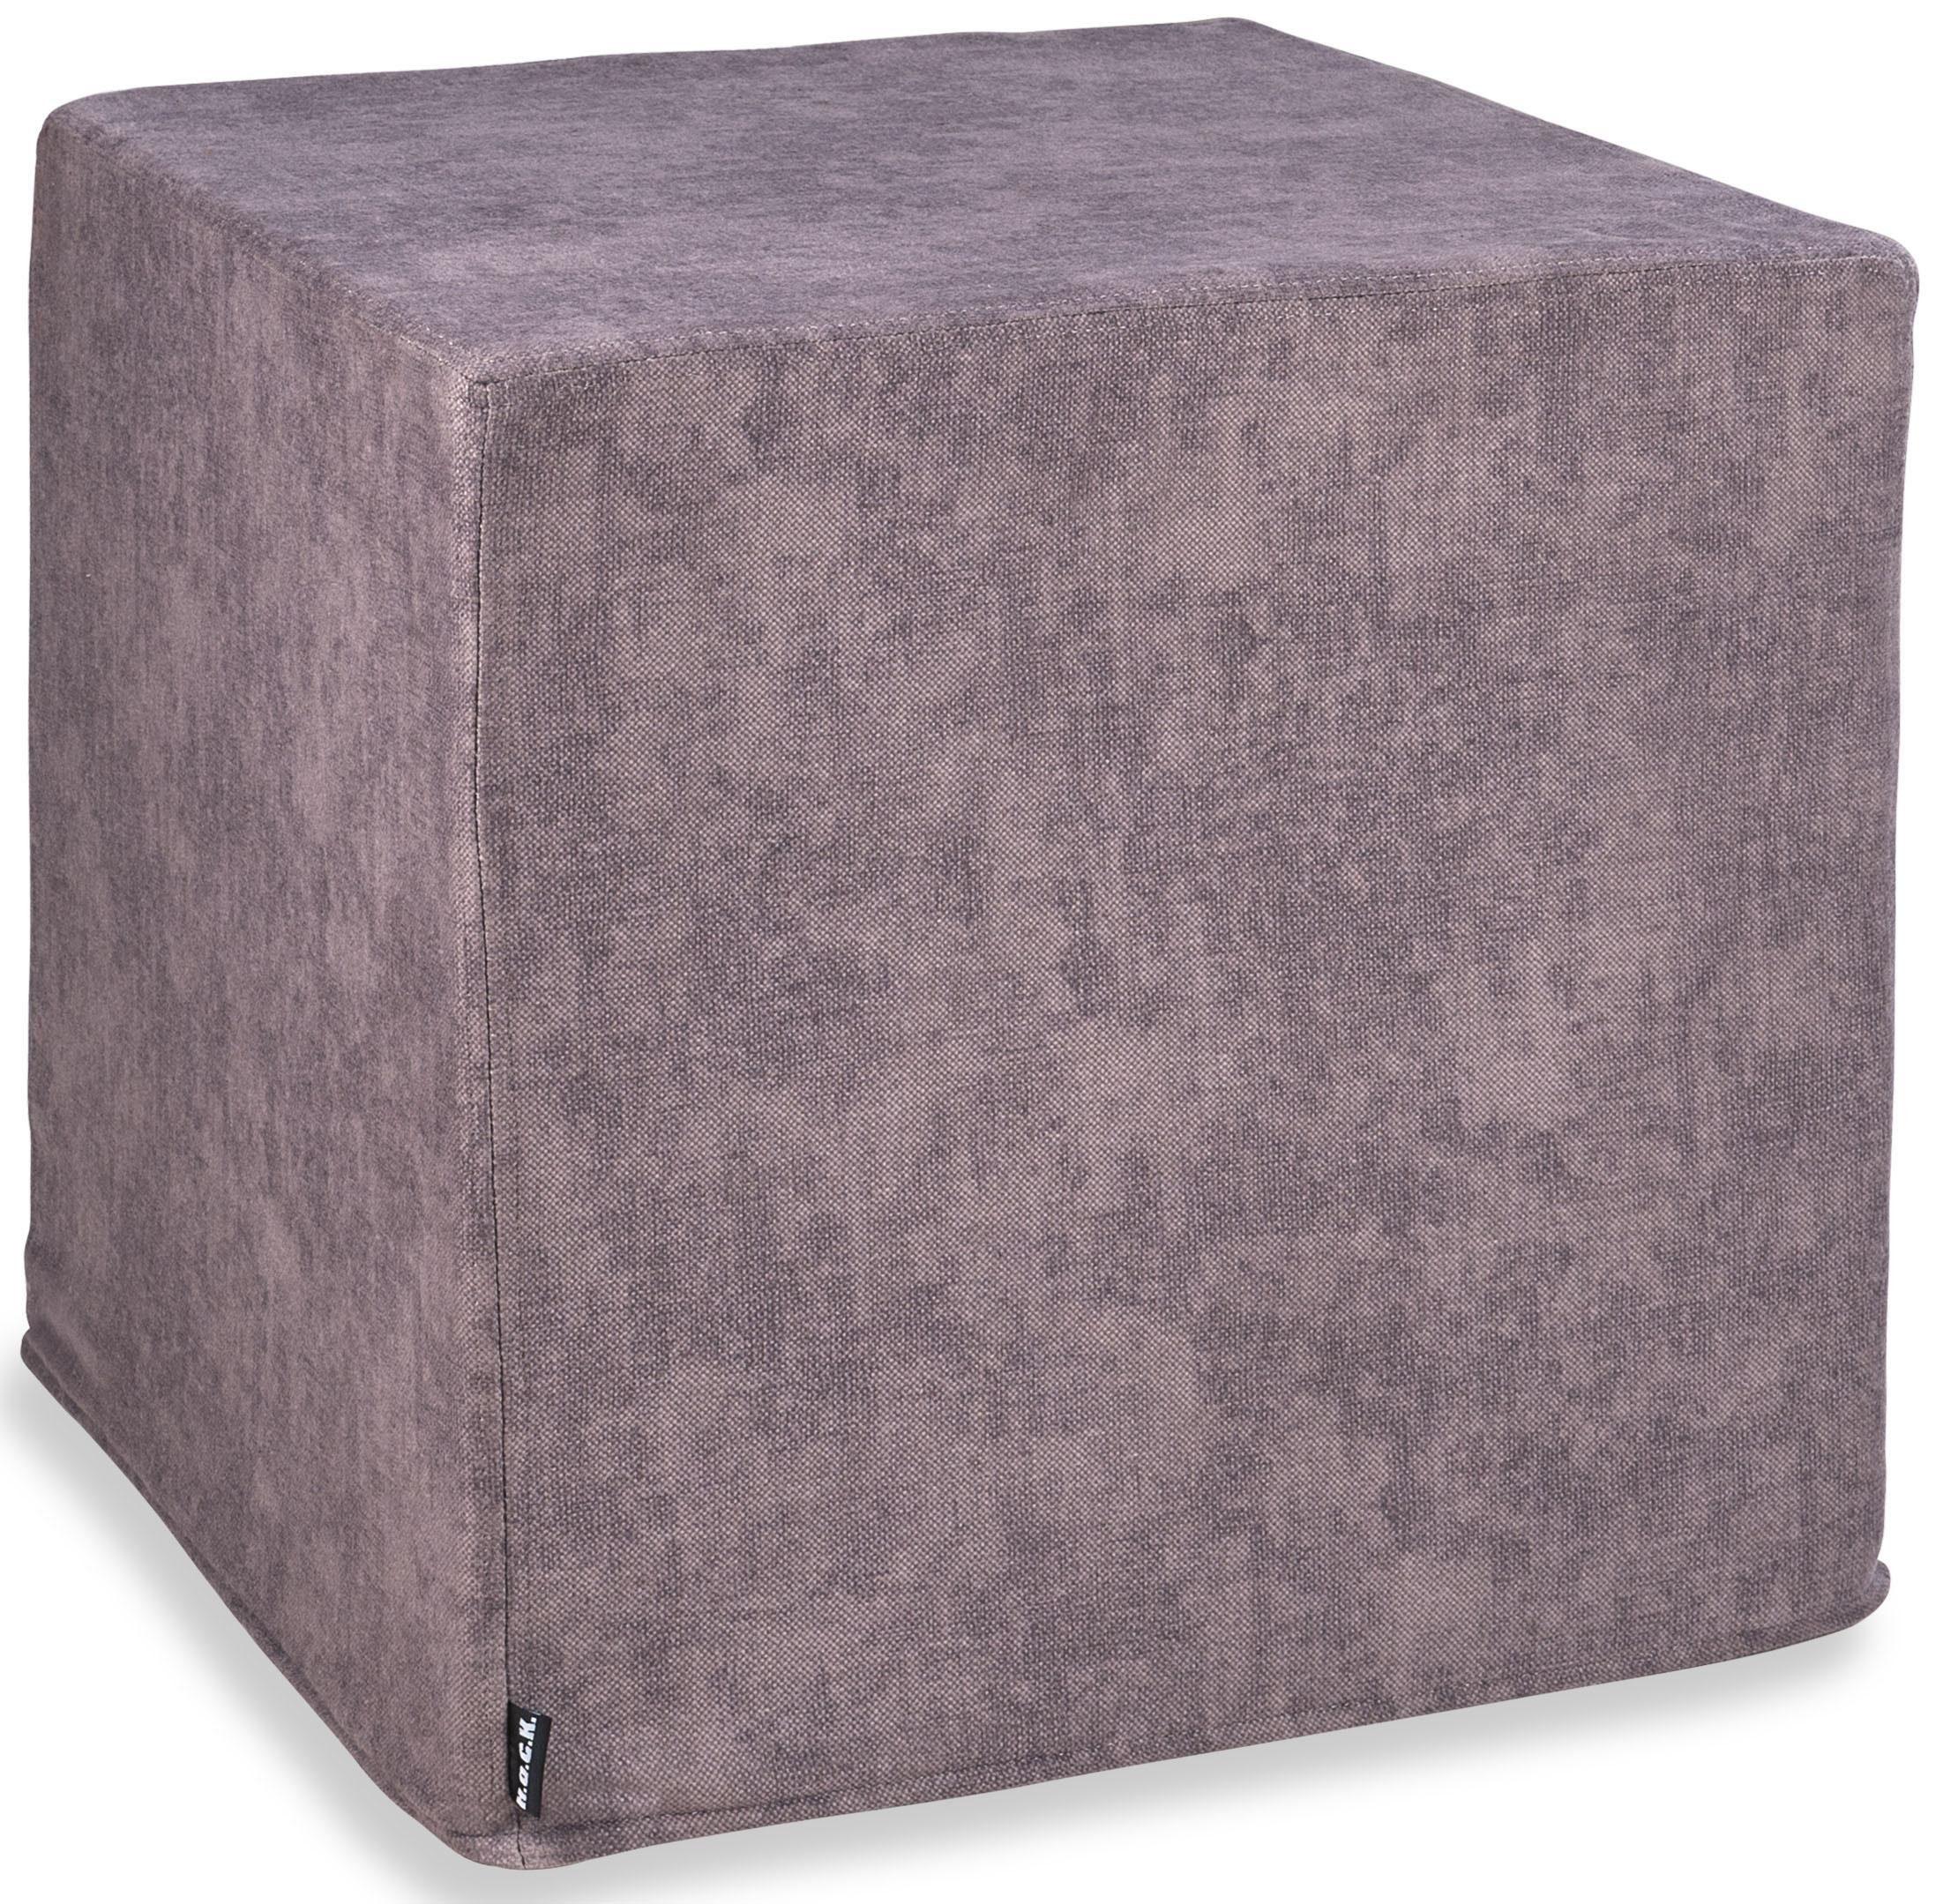 Hock Cube »Livento«